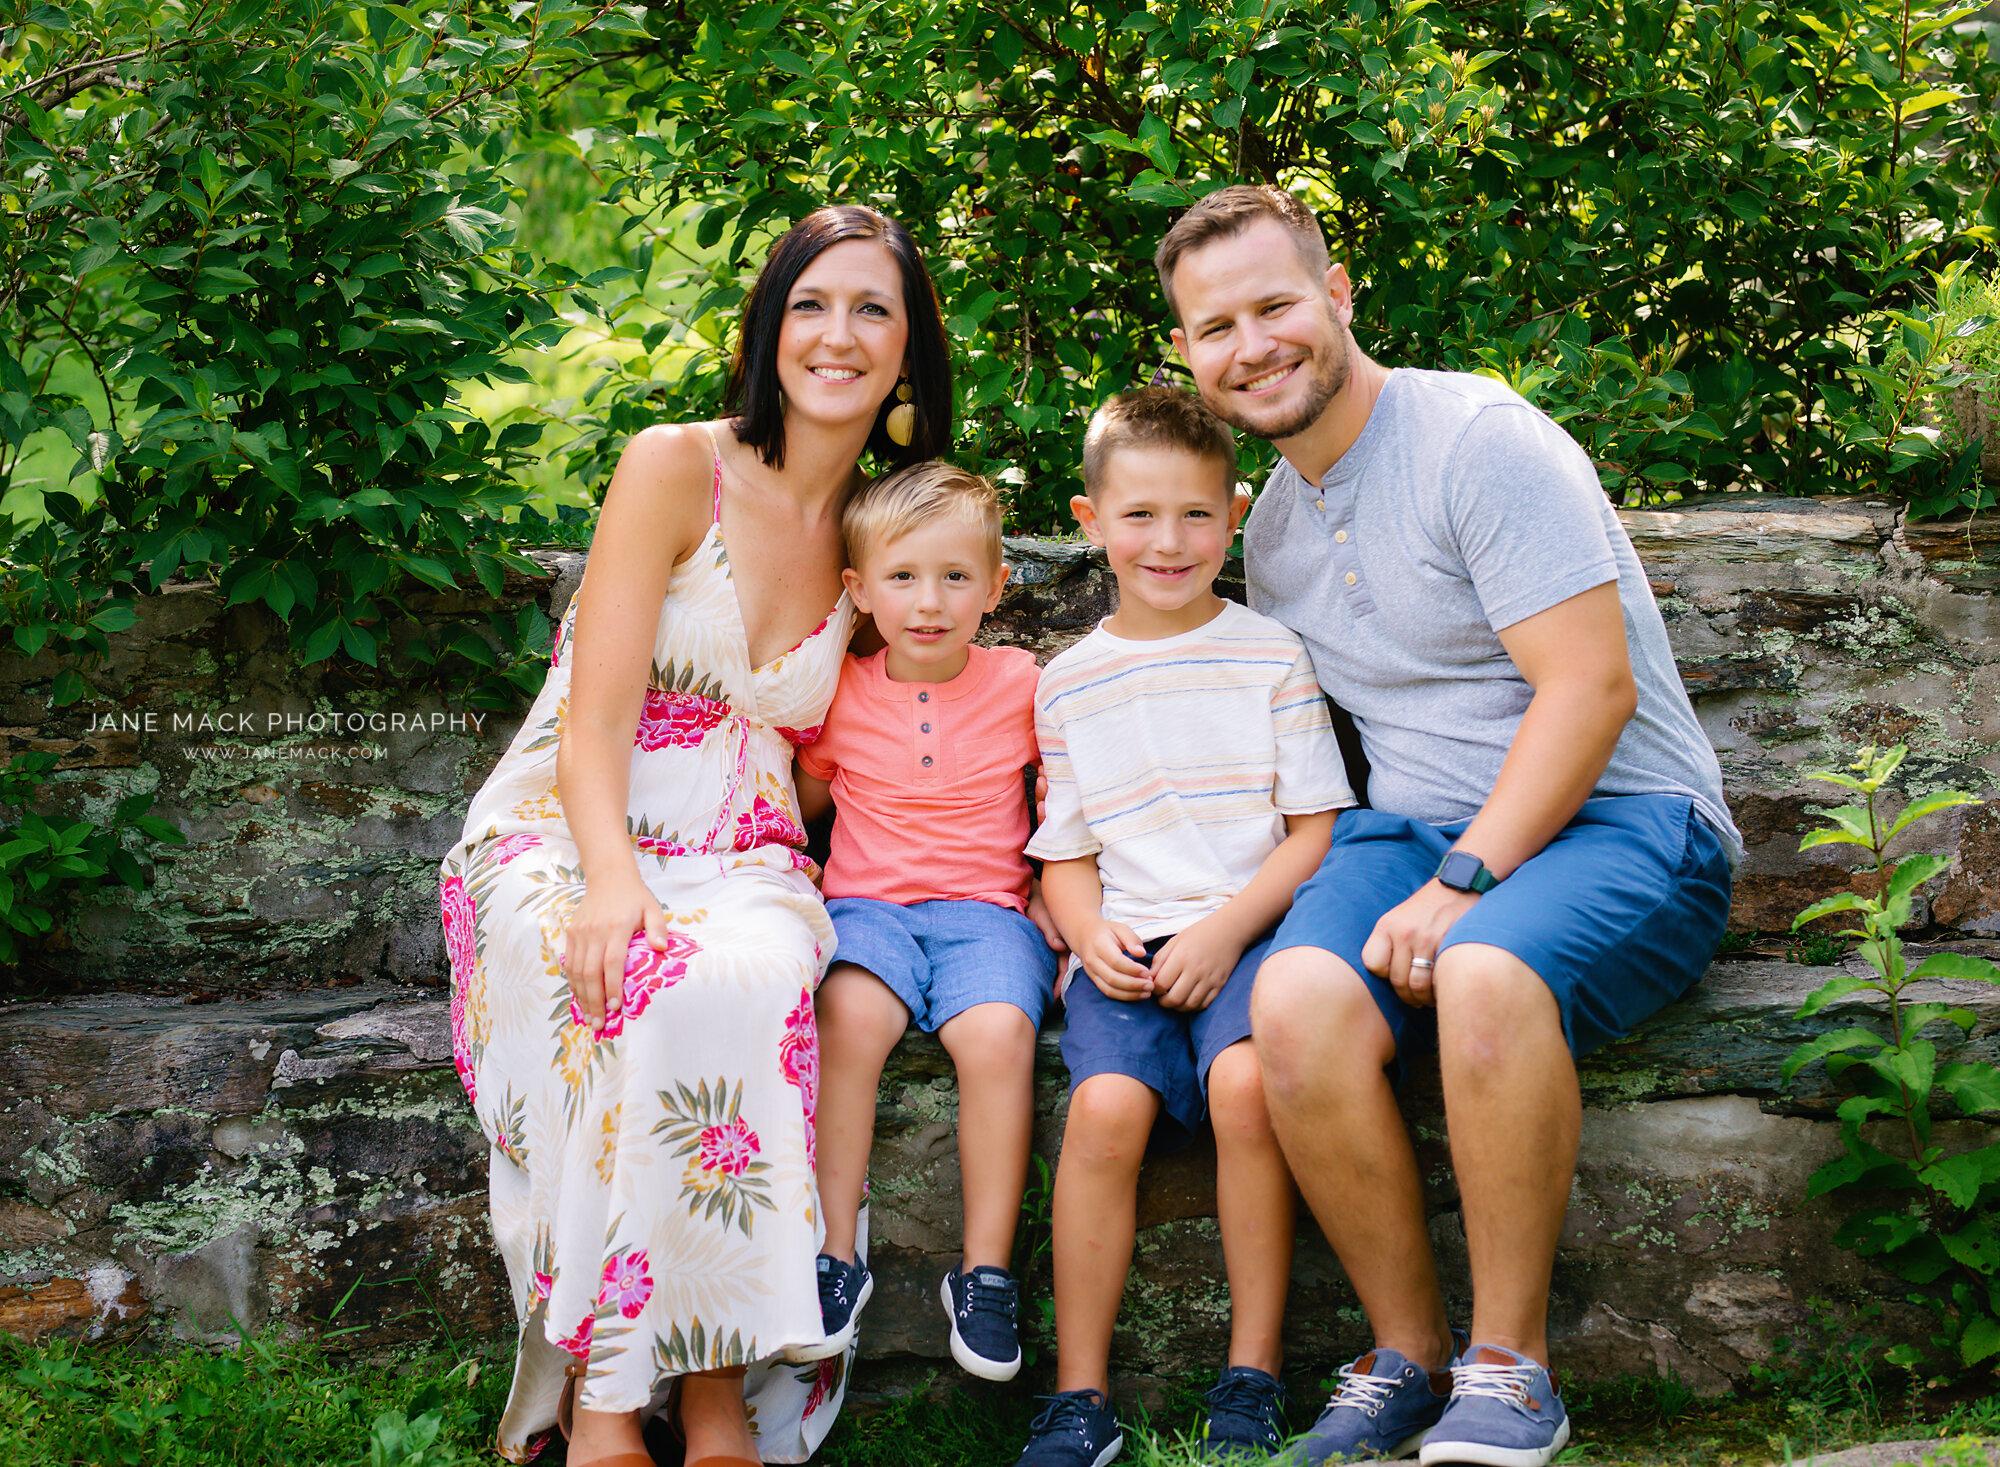 carroll county family photographer.jpg